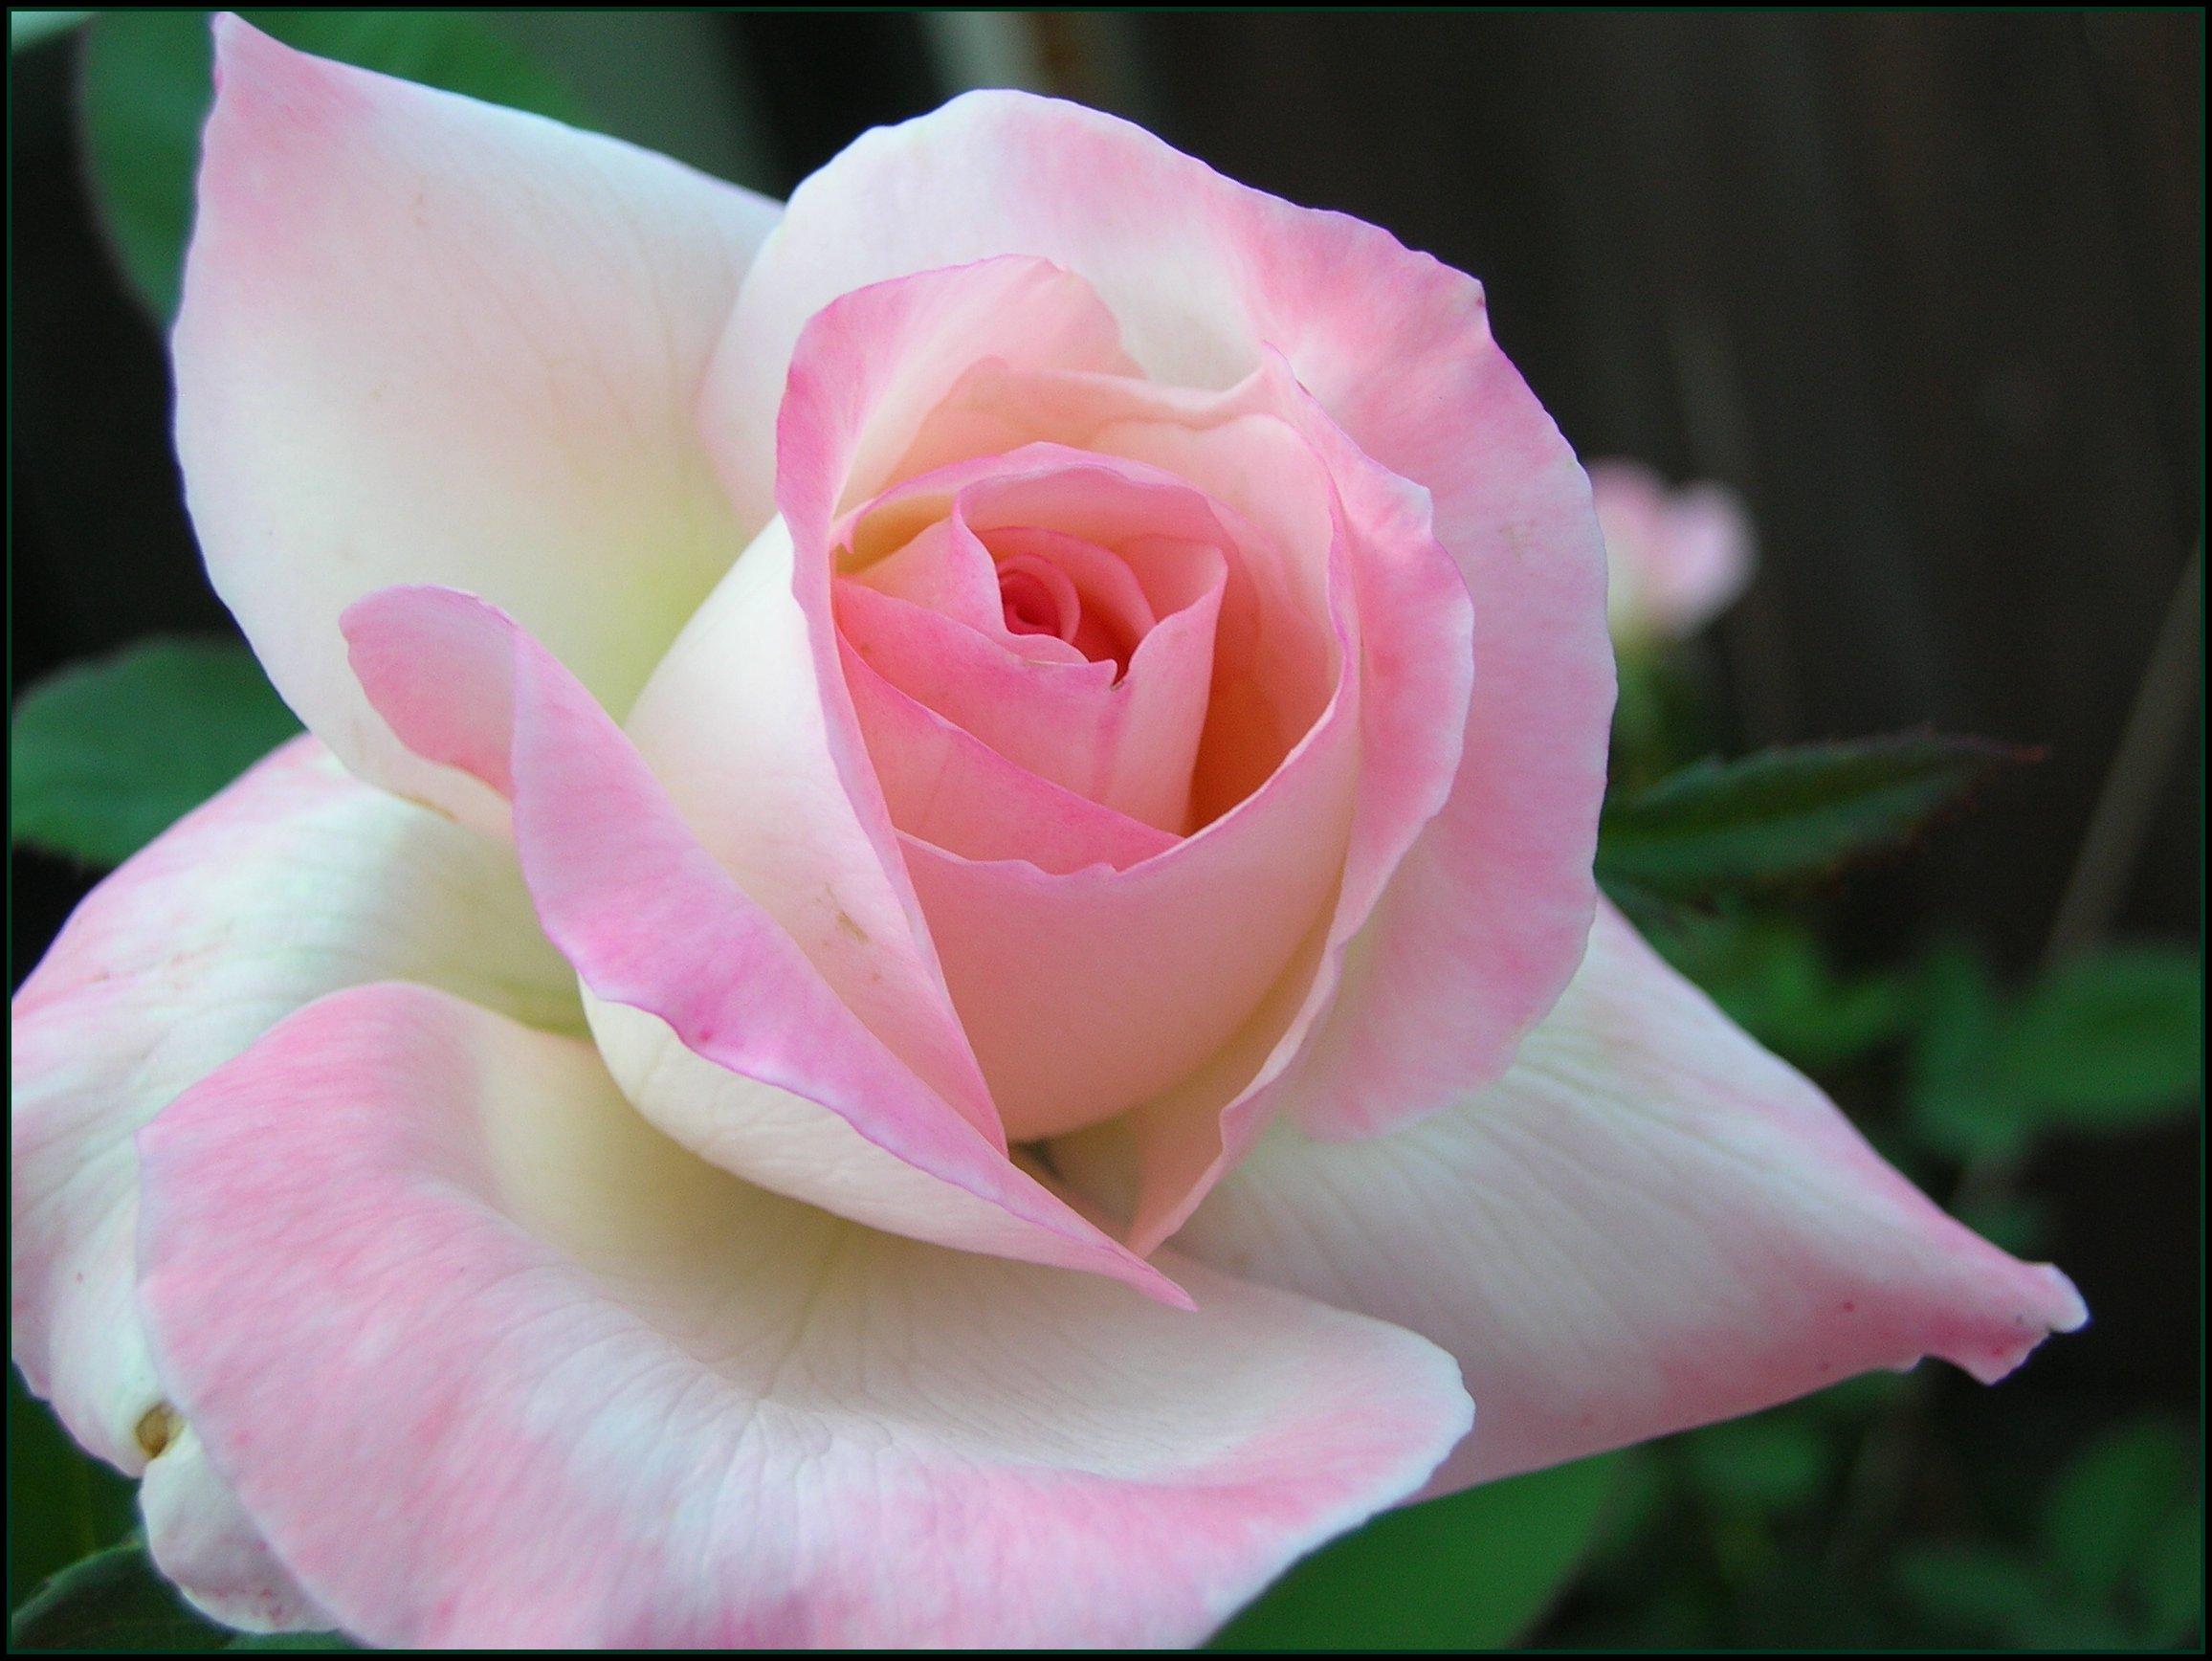 Фото Белая роза с розовыми краями лепестков на фоне зеленых листьев